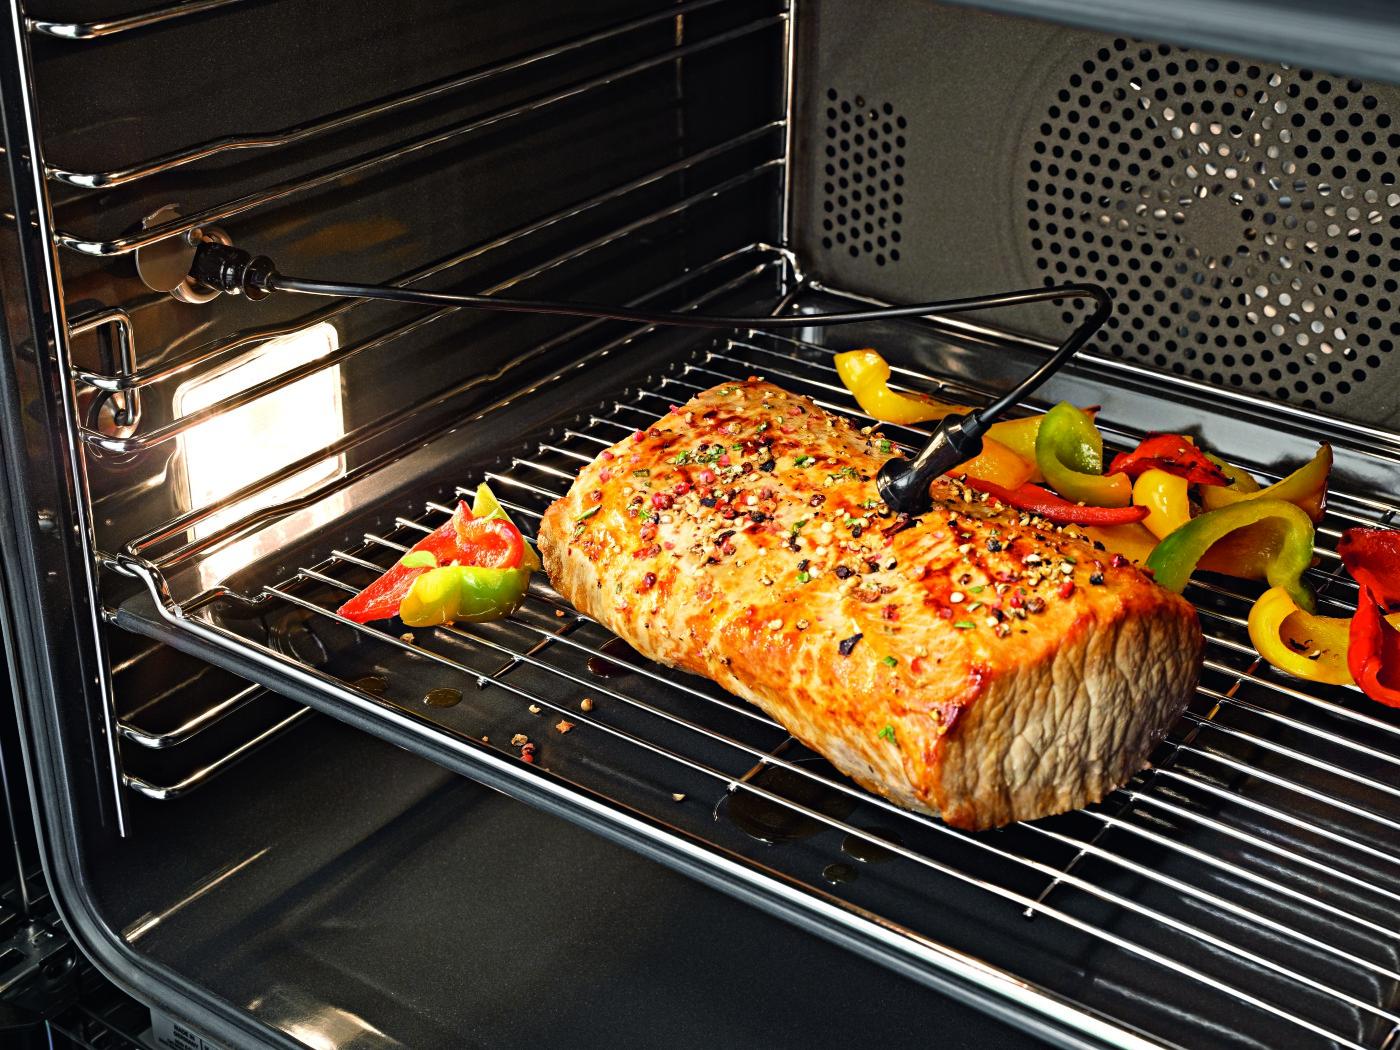 стандартный термощуп для духовки